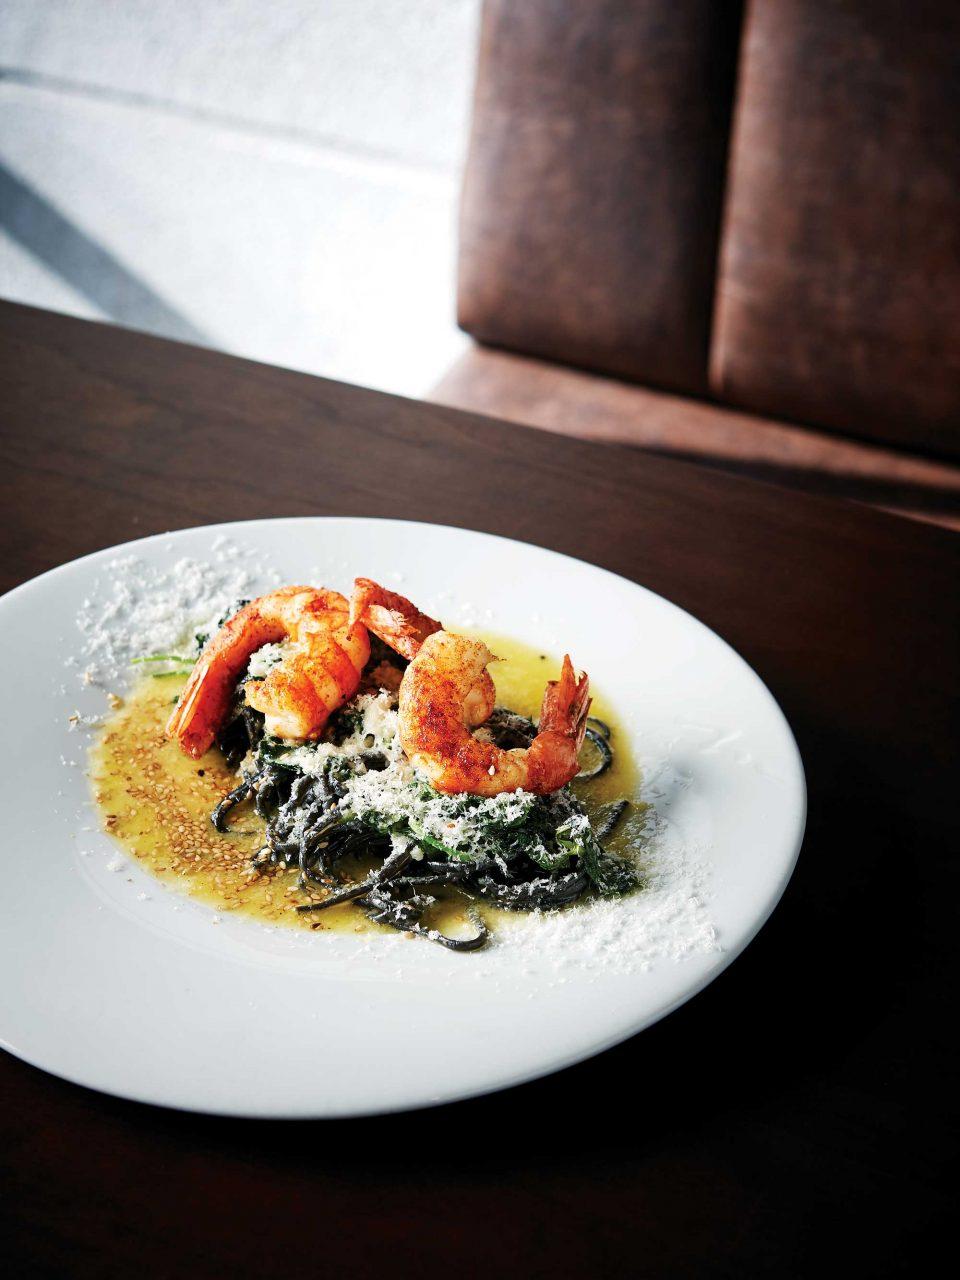 먹물 링귀네 생면에 안면도에서 공수해온 붉은 새우와 참나물을 곁들이고 마늘, 들기름, 버터로 맛을 냈다.